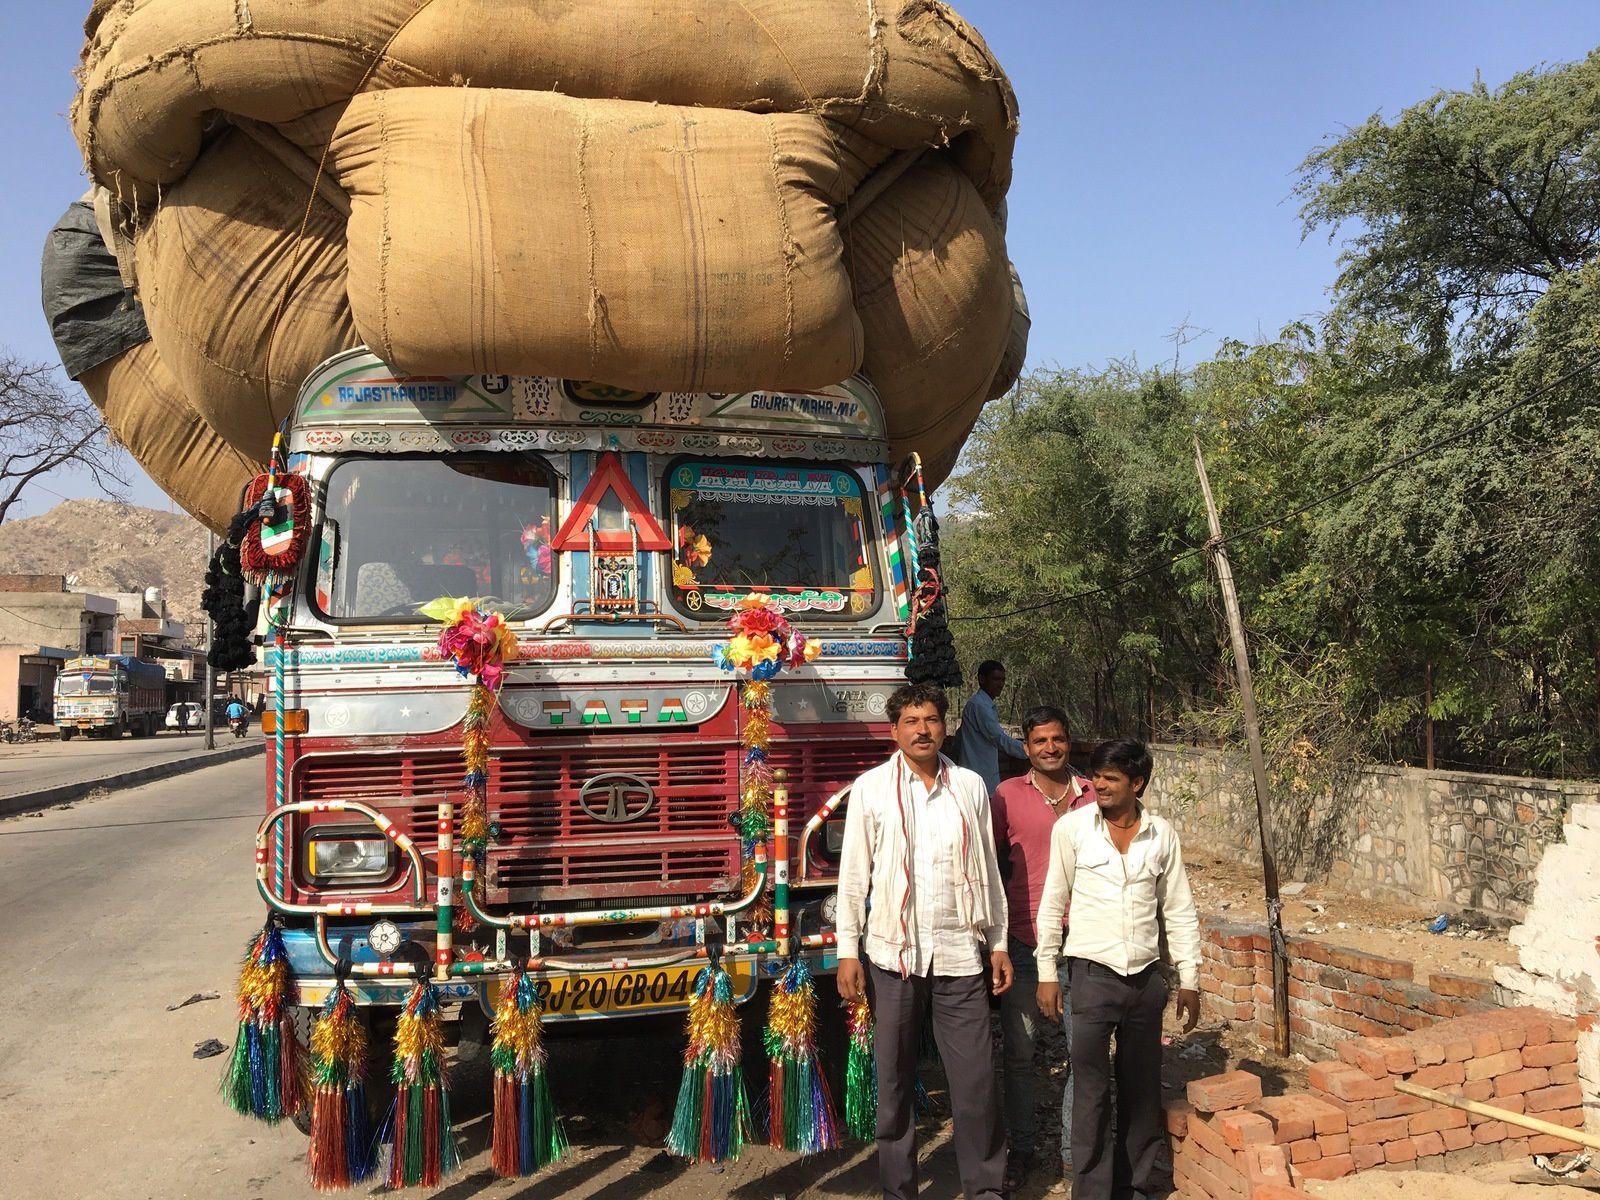 Le transport de marchandises est un art en Inde. Ce camion en est le parfait exemple. Et encore, il était en train de charger une nouvelle cargaison !